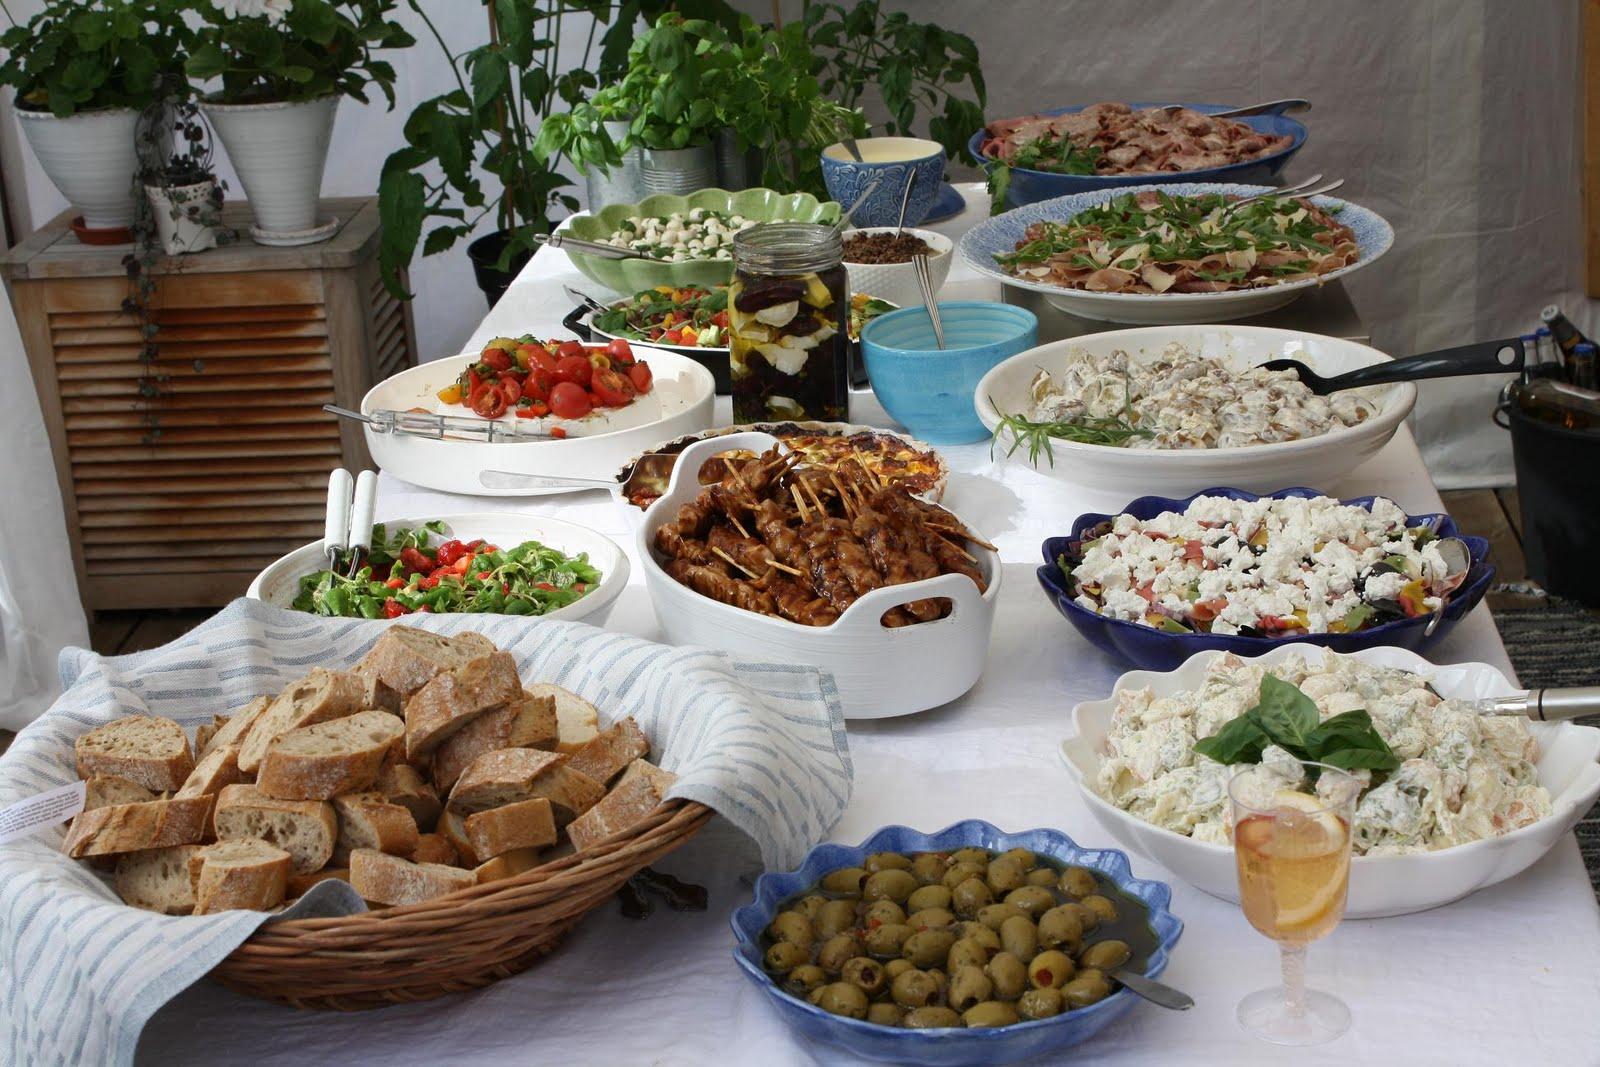 buffe 50 års fest Ninas Vardag: juni 2011 buffe 50 års fest